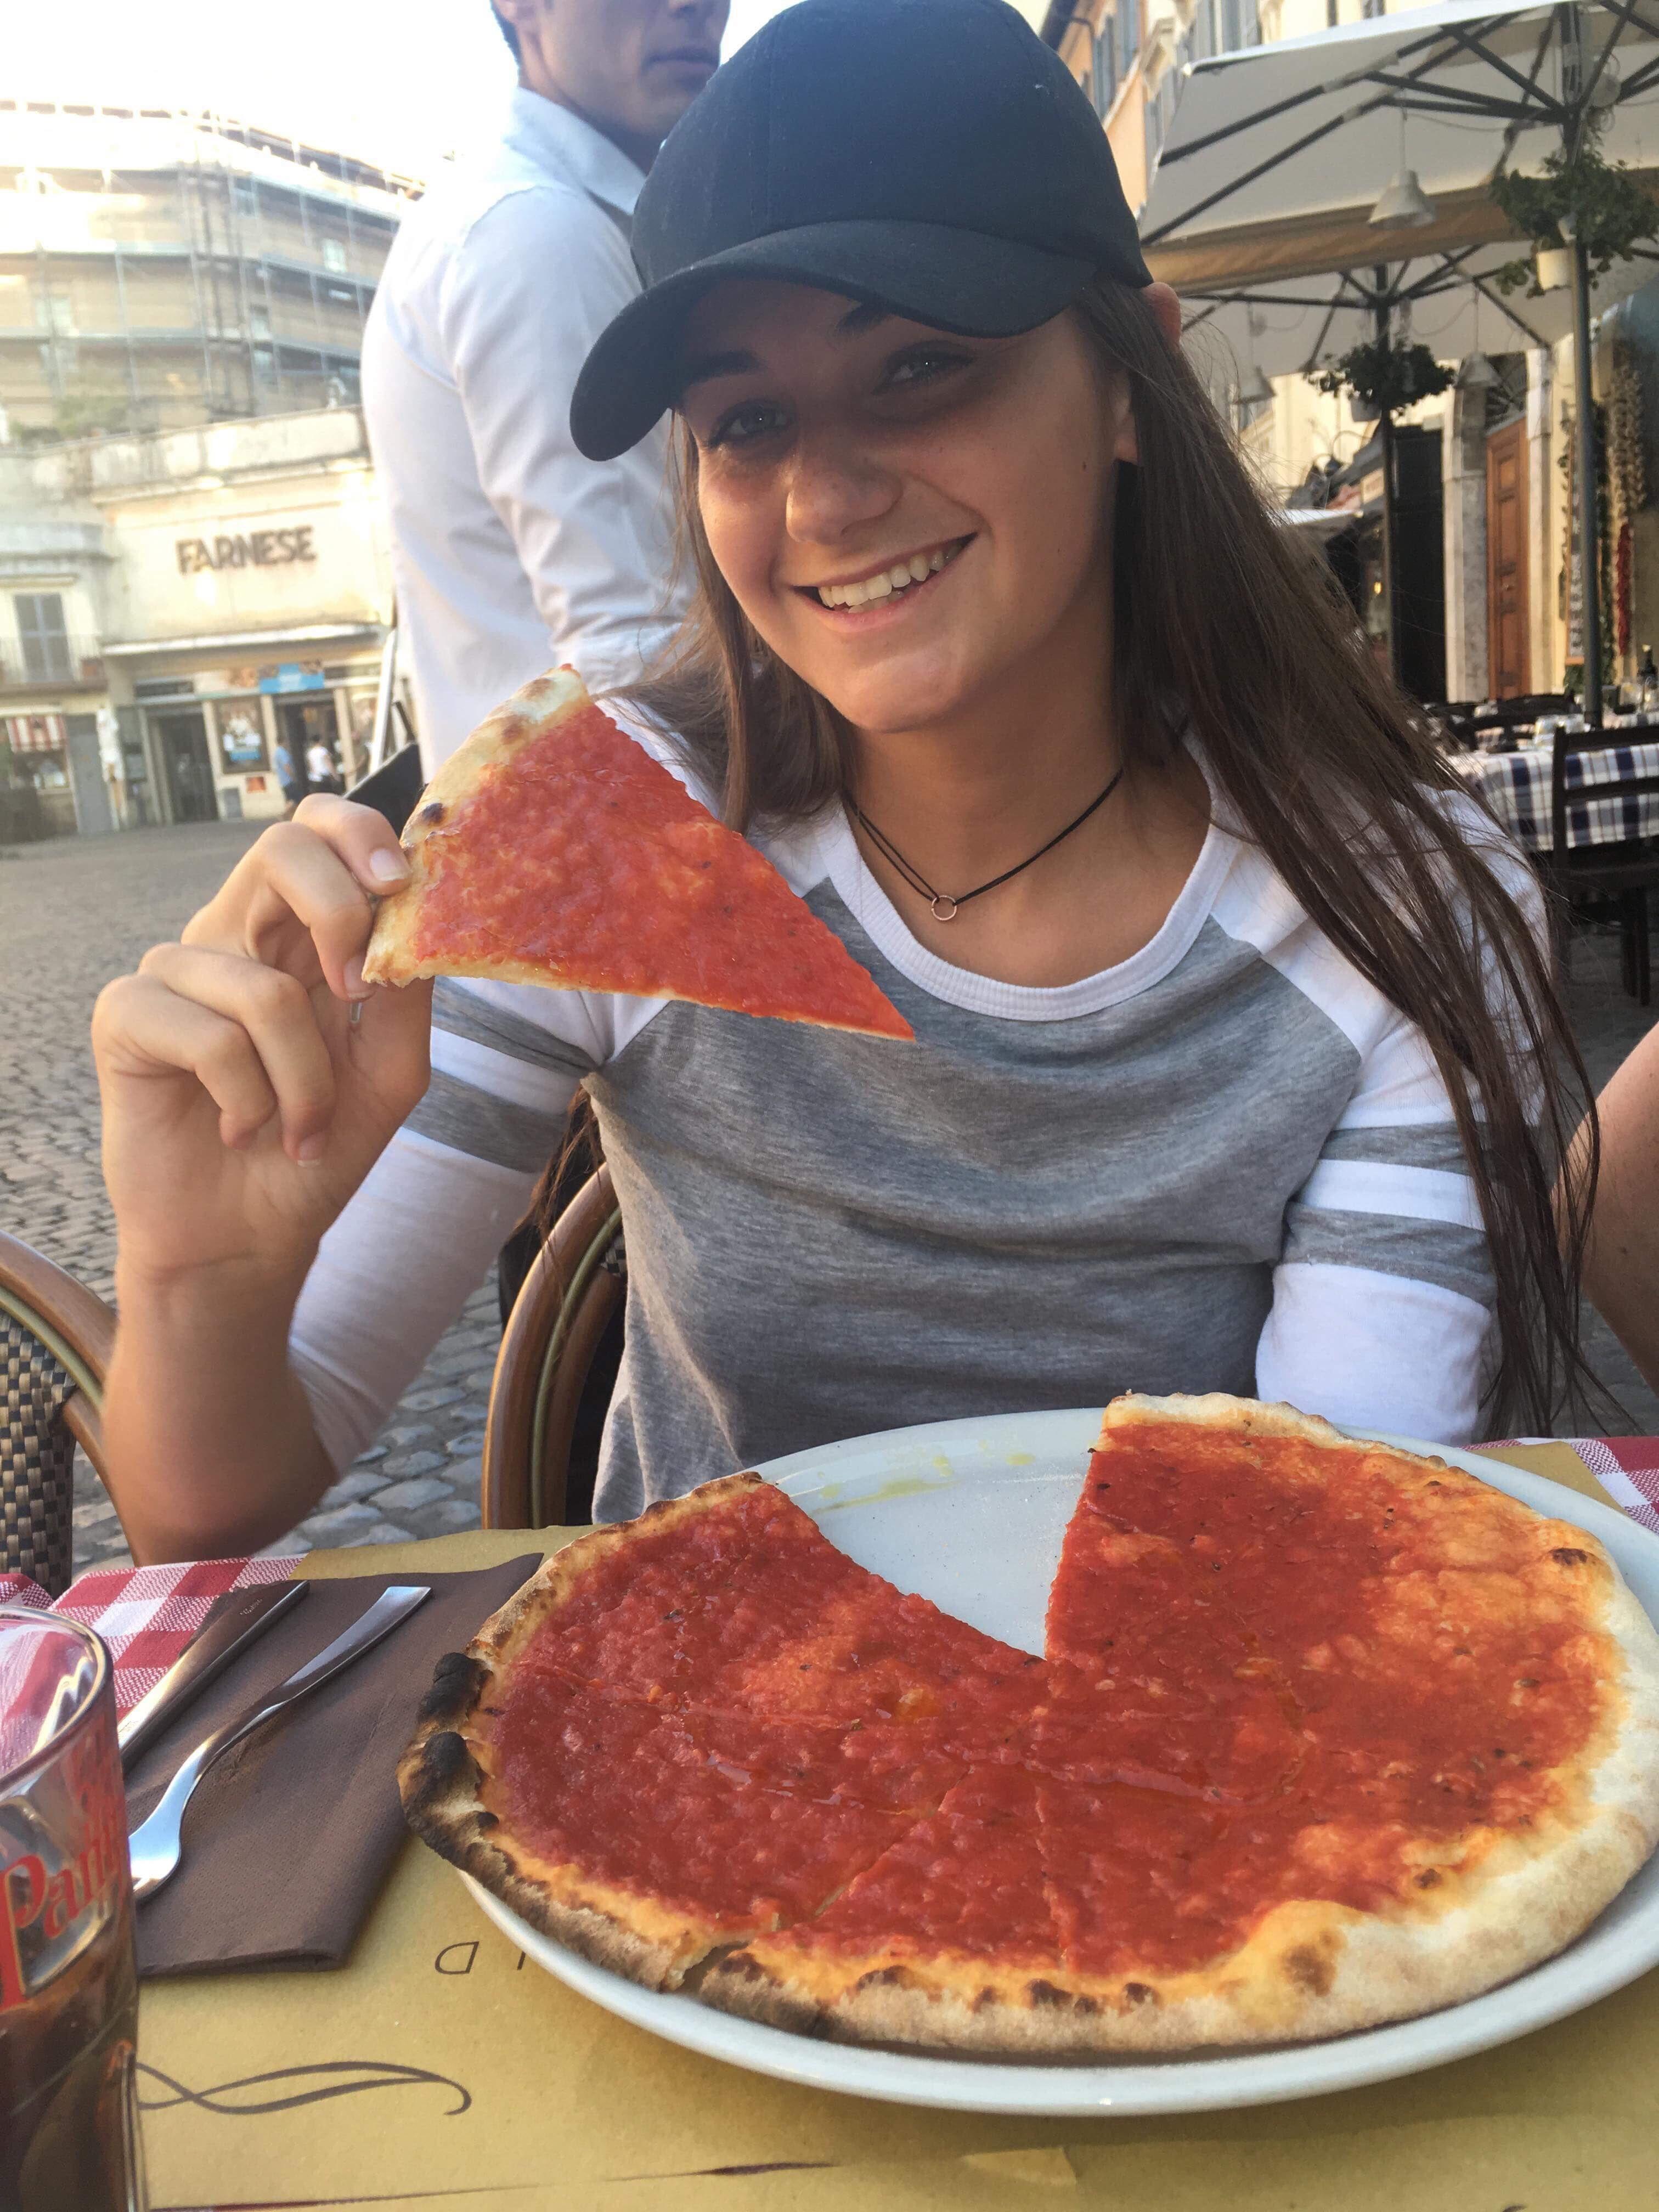 Image may contain: Pasta, Lasagna, Food, Person, People, Human